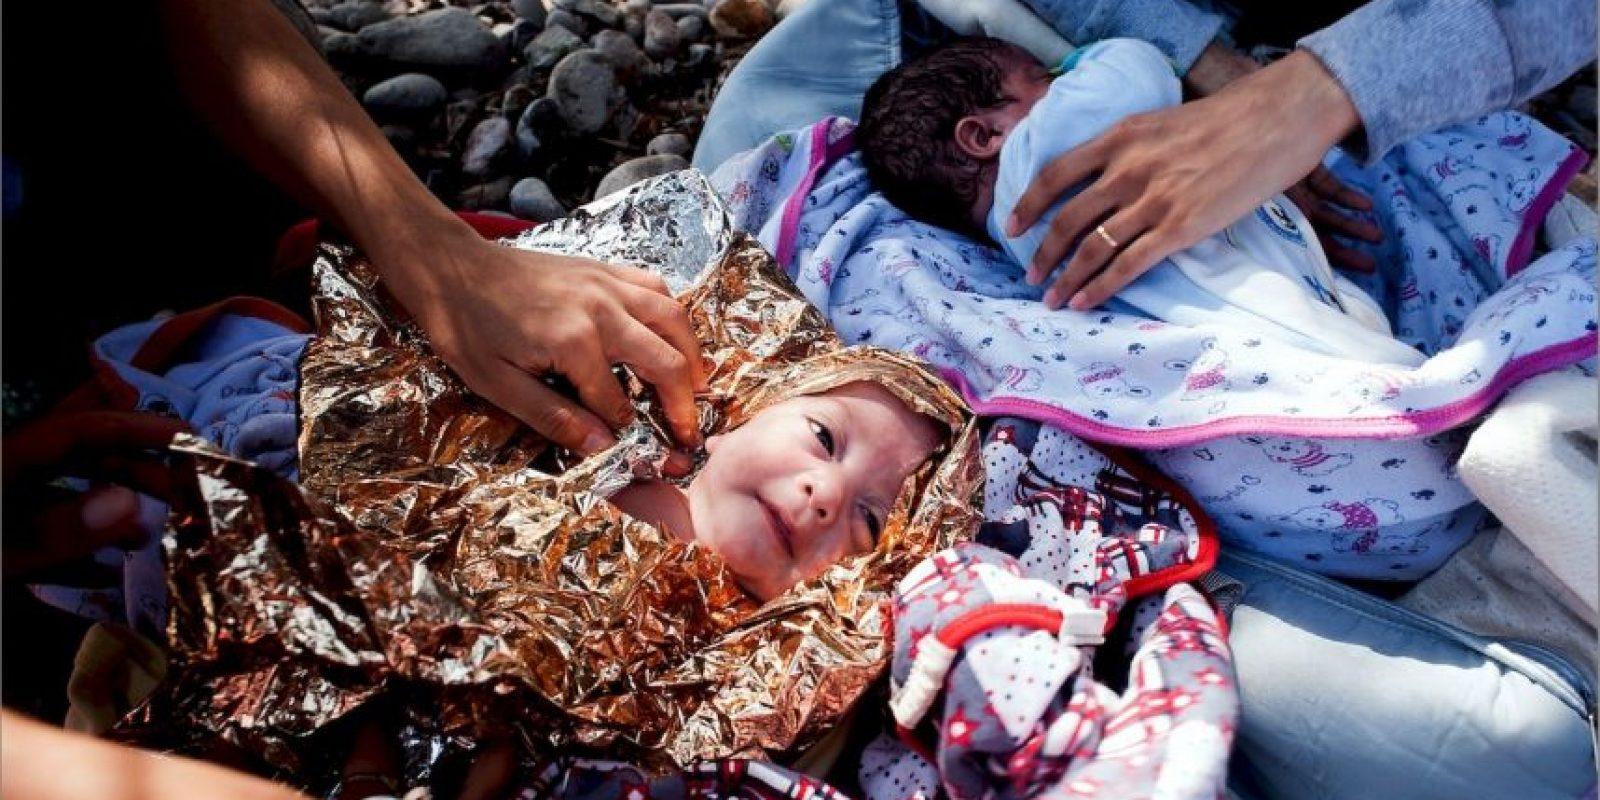 Un niño fue envuelto en papel metálico para poder conservar su calor y llegar a Europa Foto:AFP